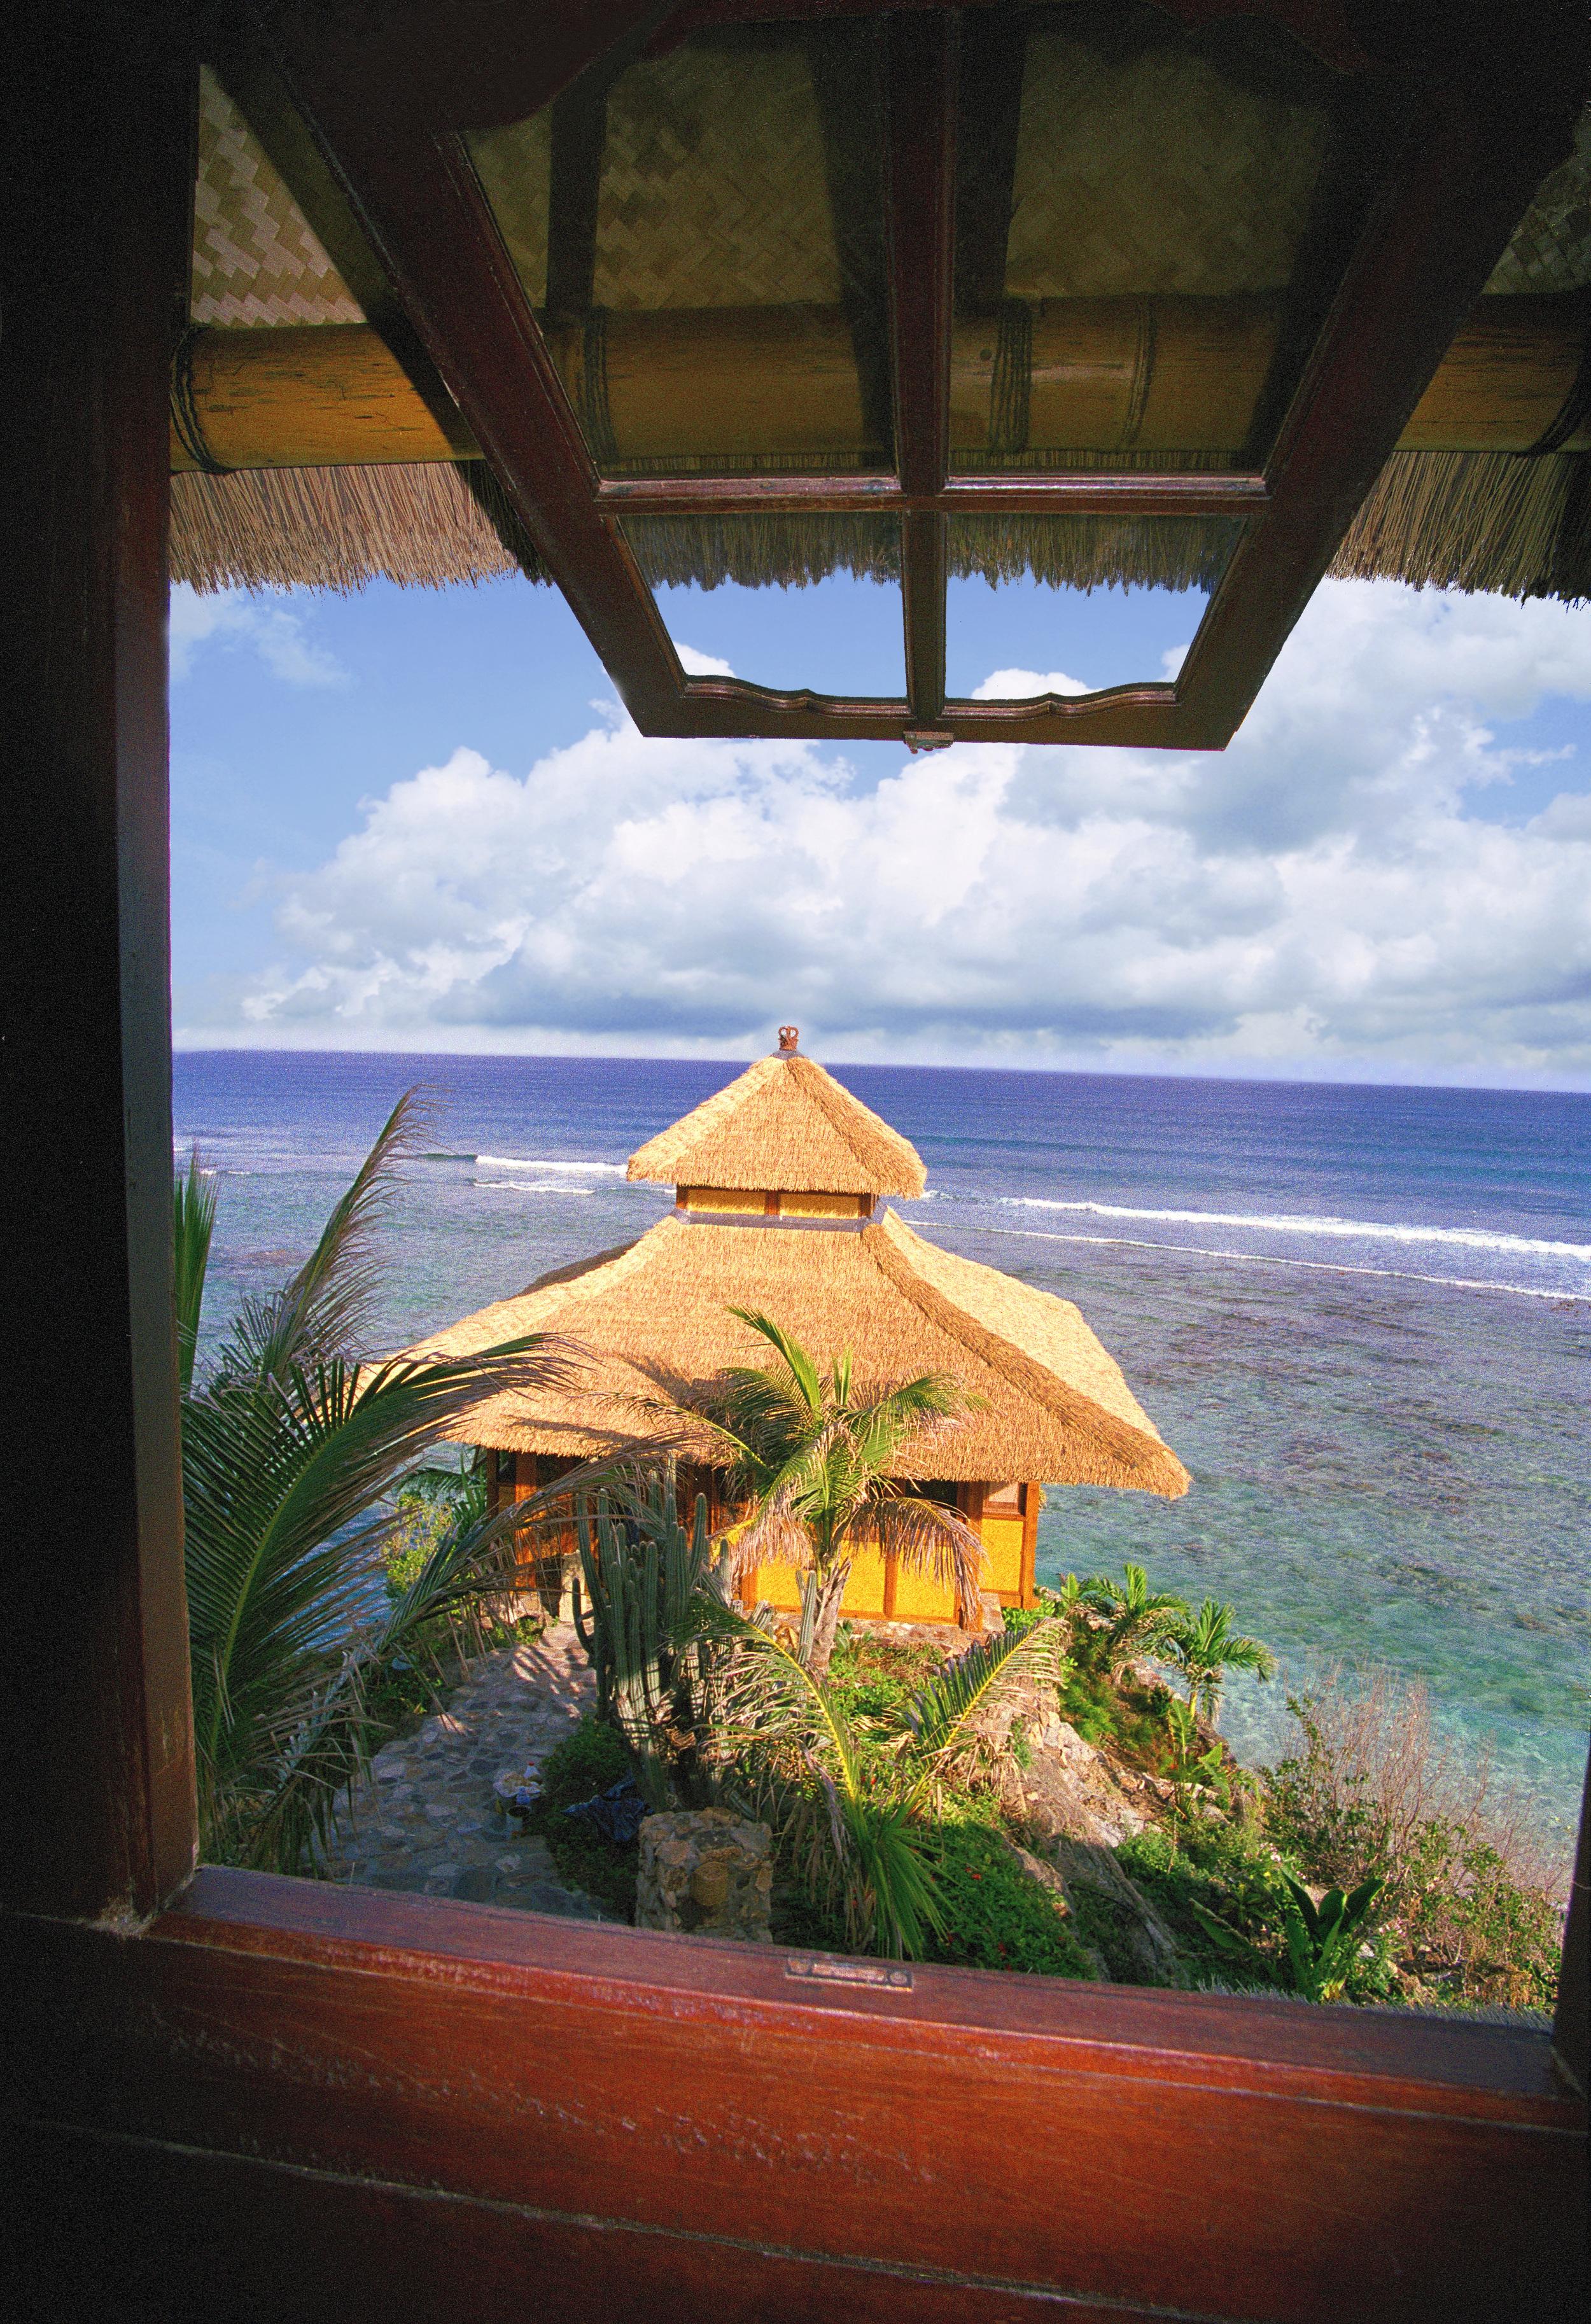 Bali HIgh window1.jpg